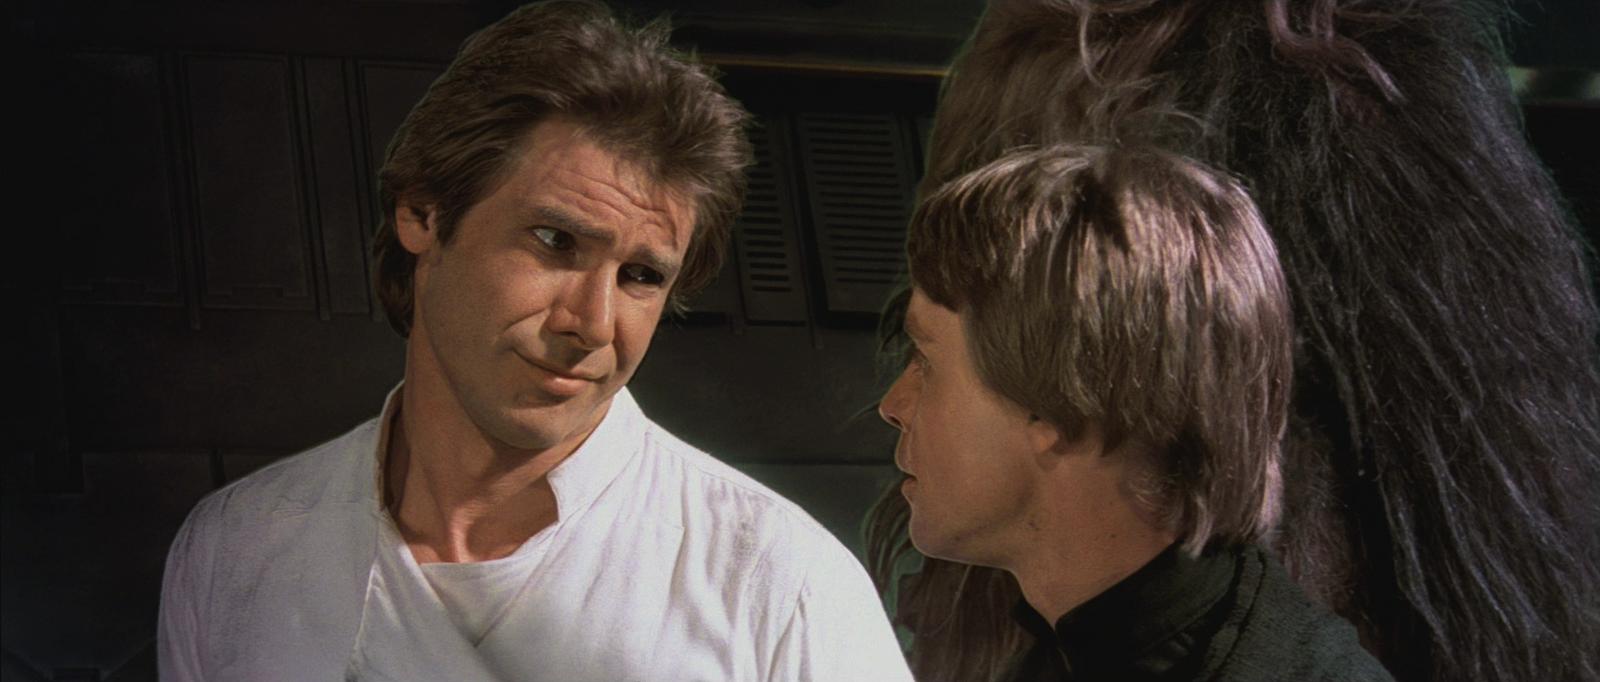 A Han Solo, Luke Skywalker Reunion Could Happen in 'Star Wars: Episode IX'